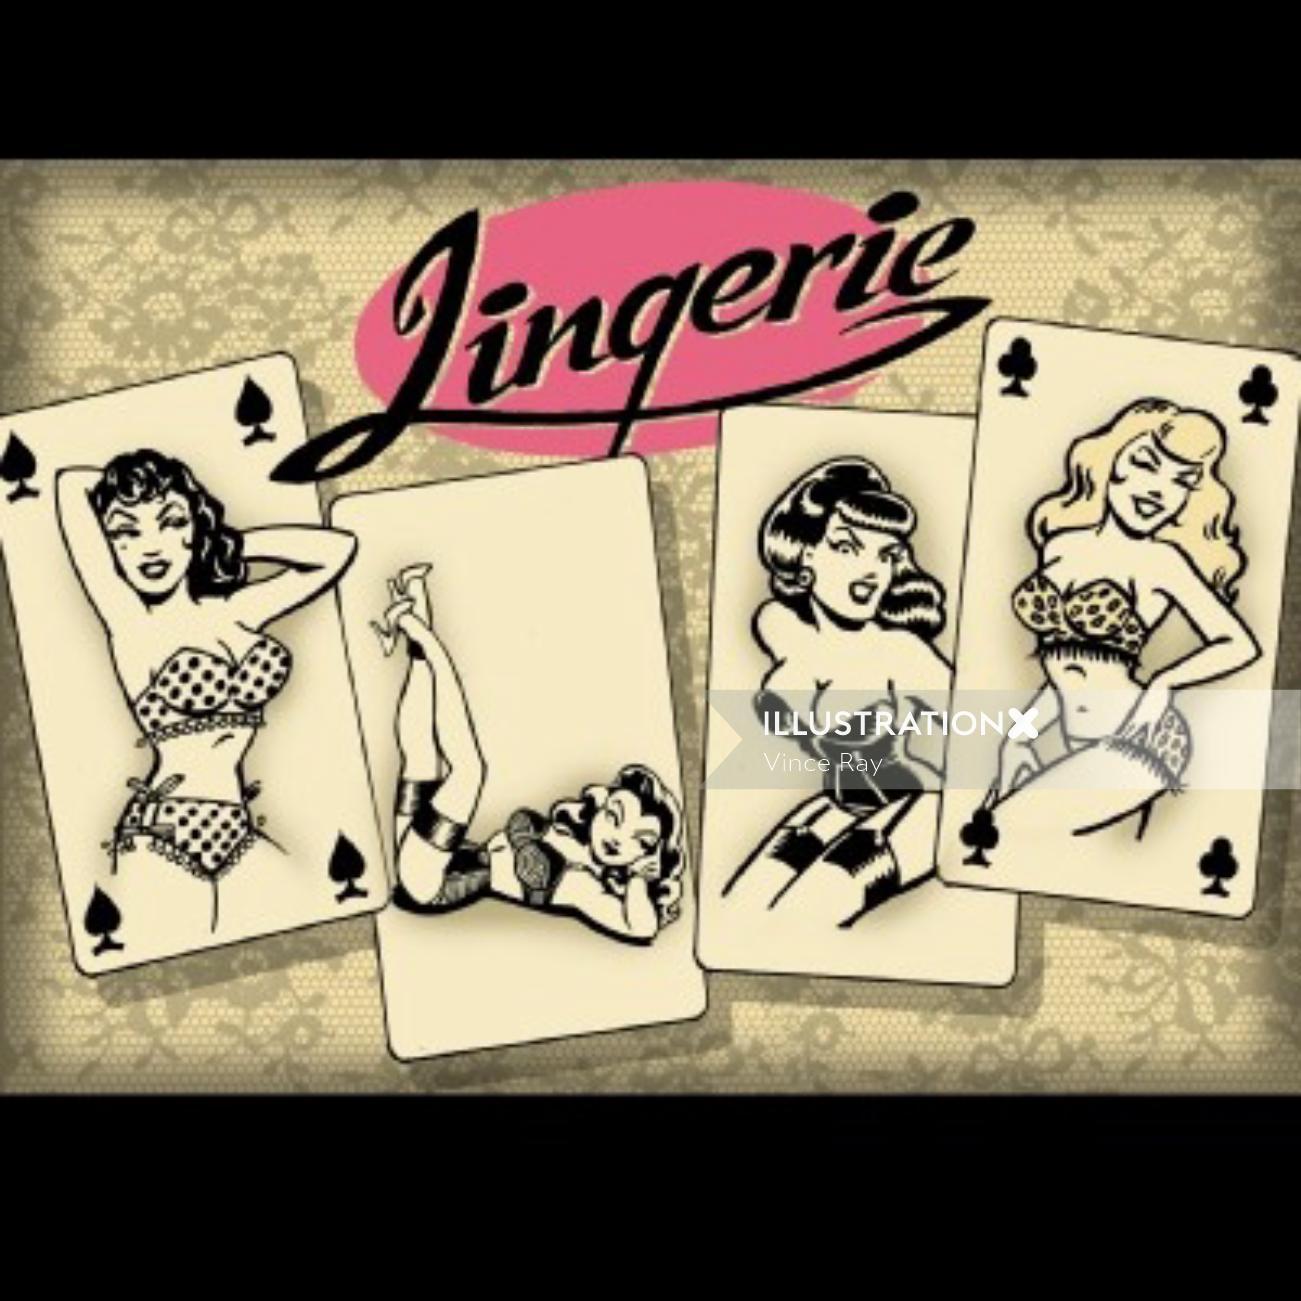 Beautiful women in Lingerie